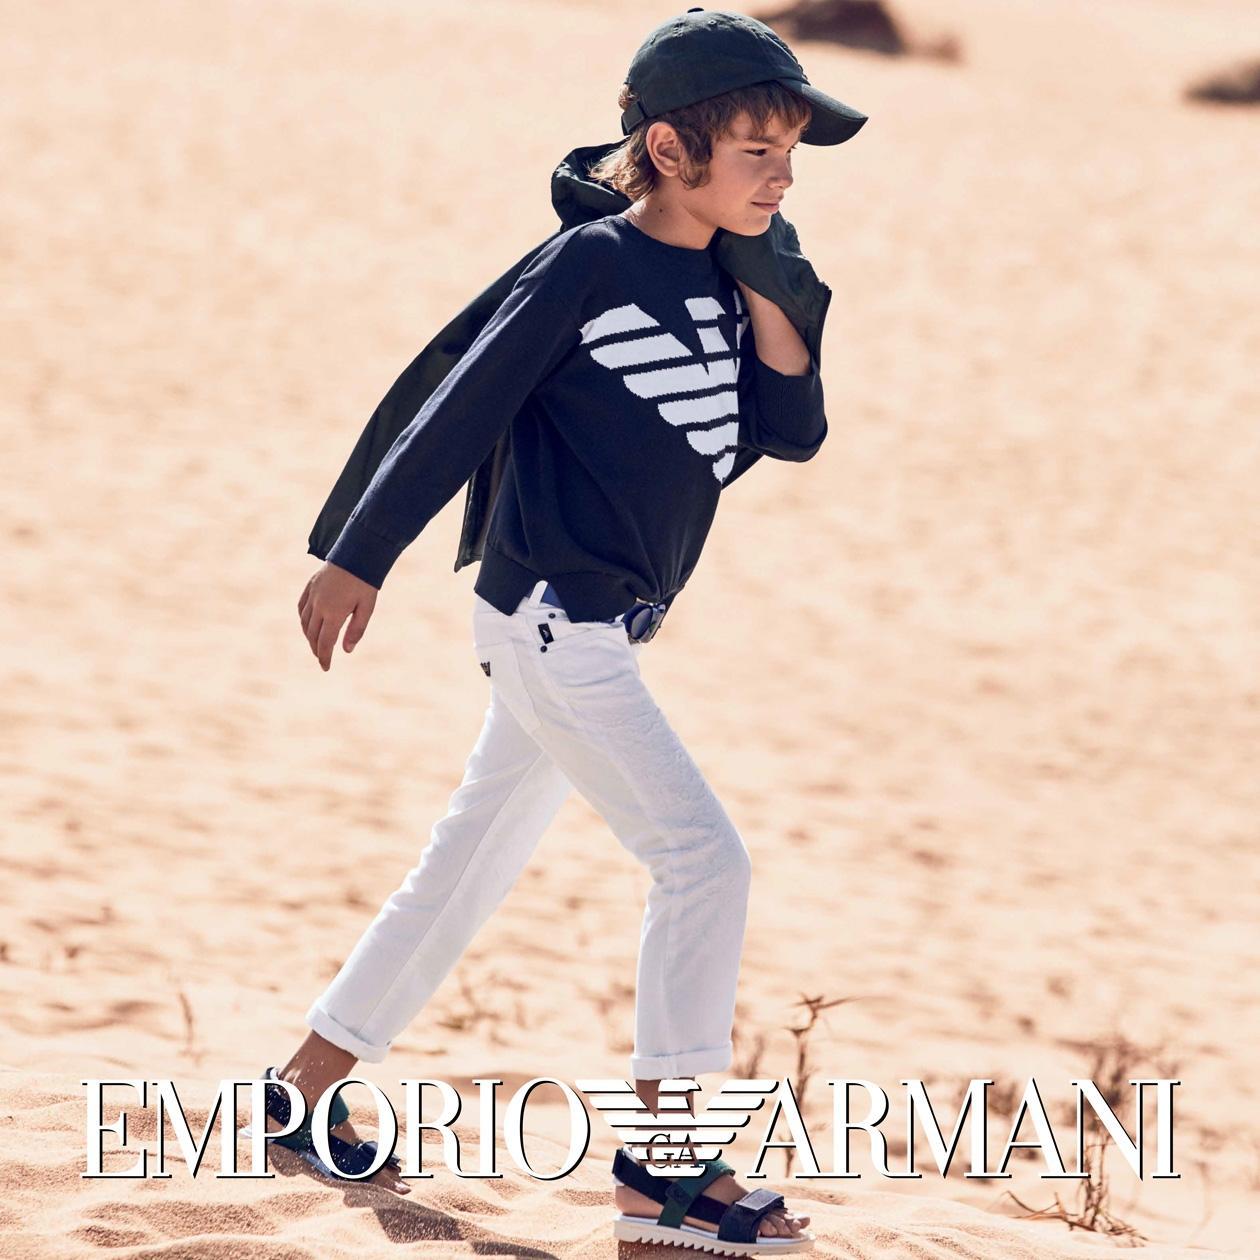 idee outfit estivi per bambini Emporio Armani